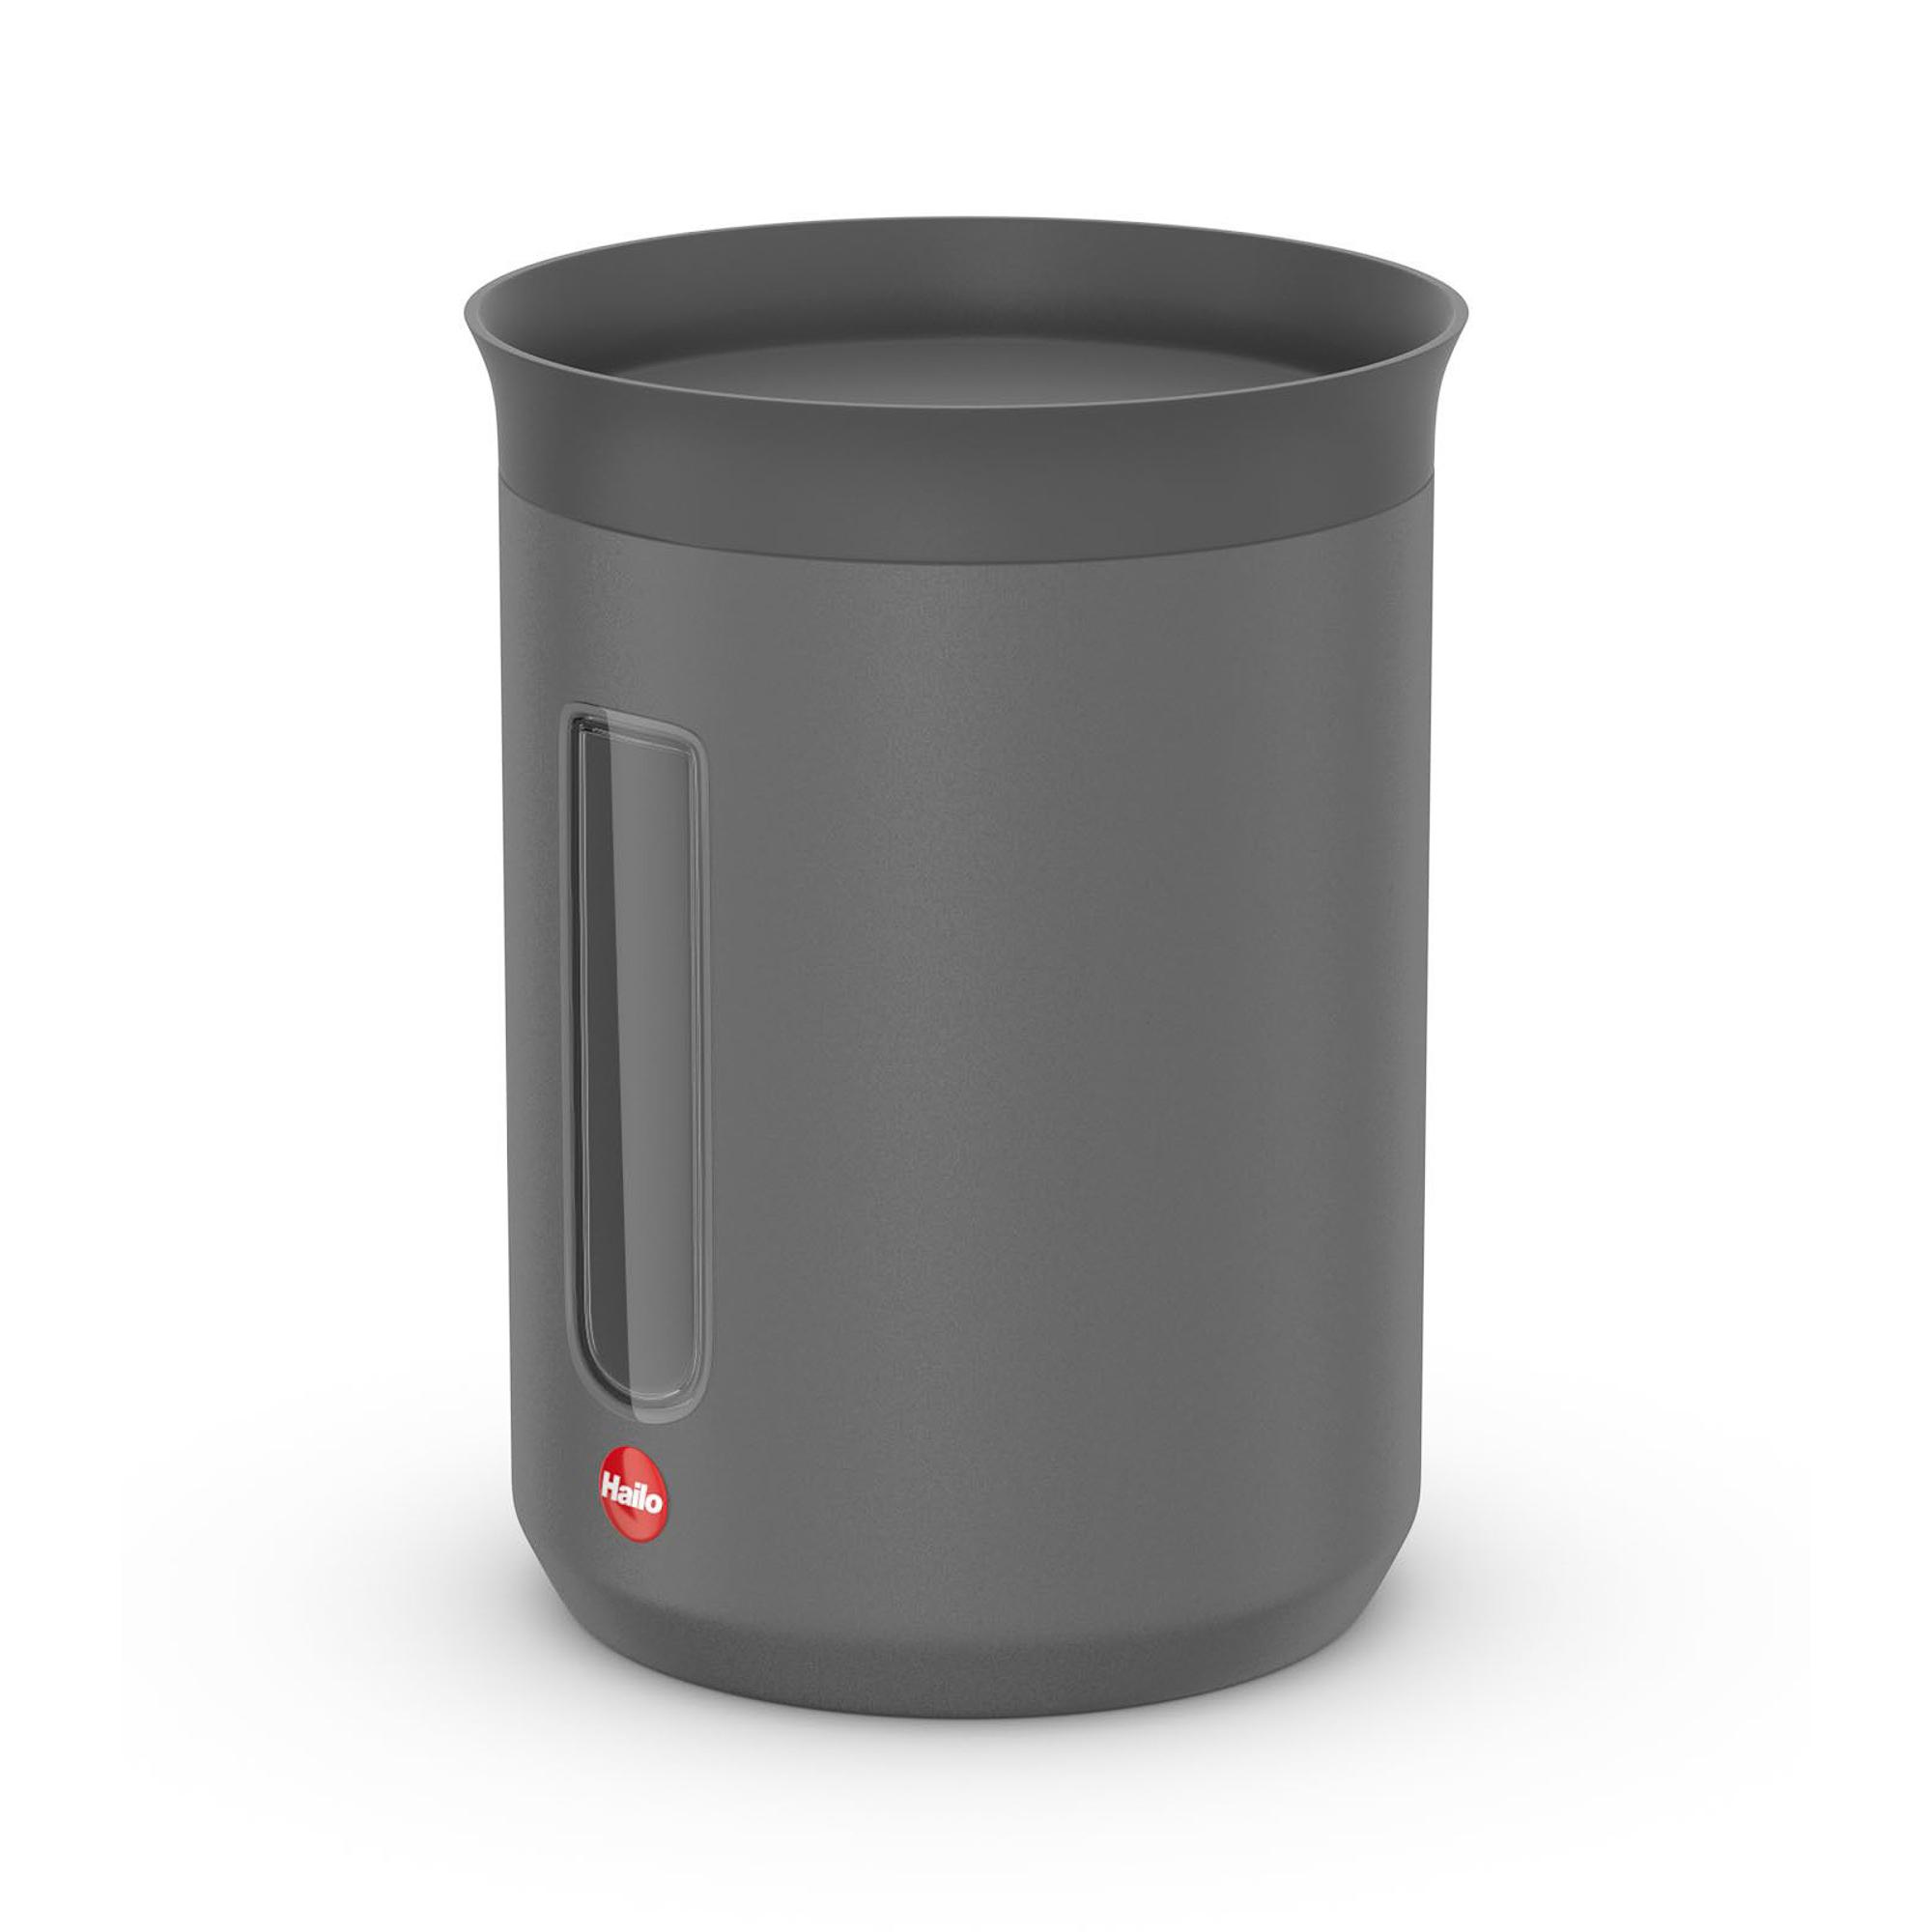 Контейнер металлический для хранения сыпучих продуктов 0.8 л Hailo серый матовый.